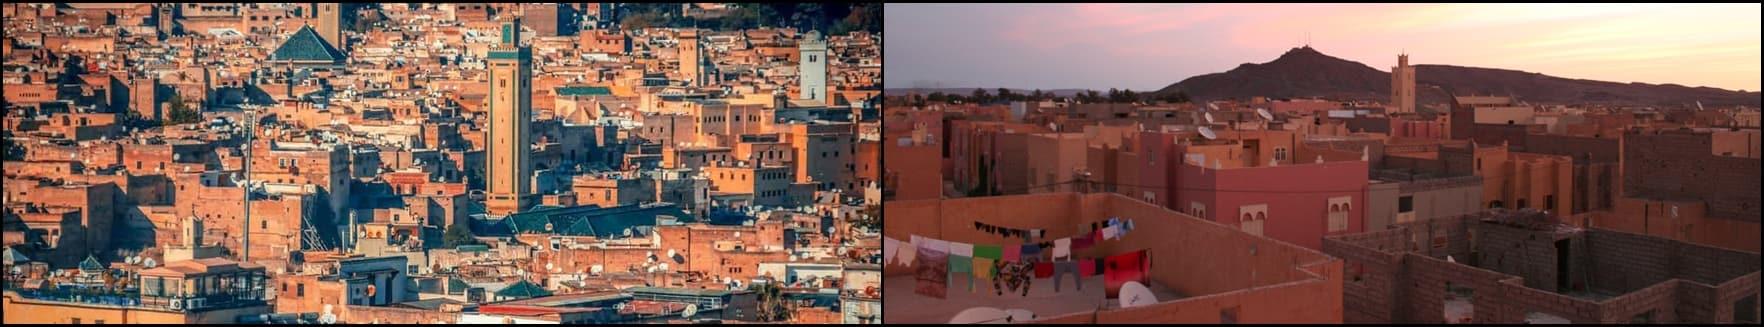 Morocco d5